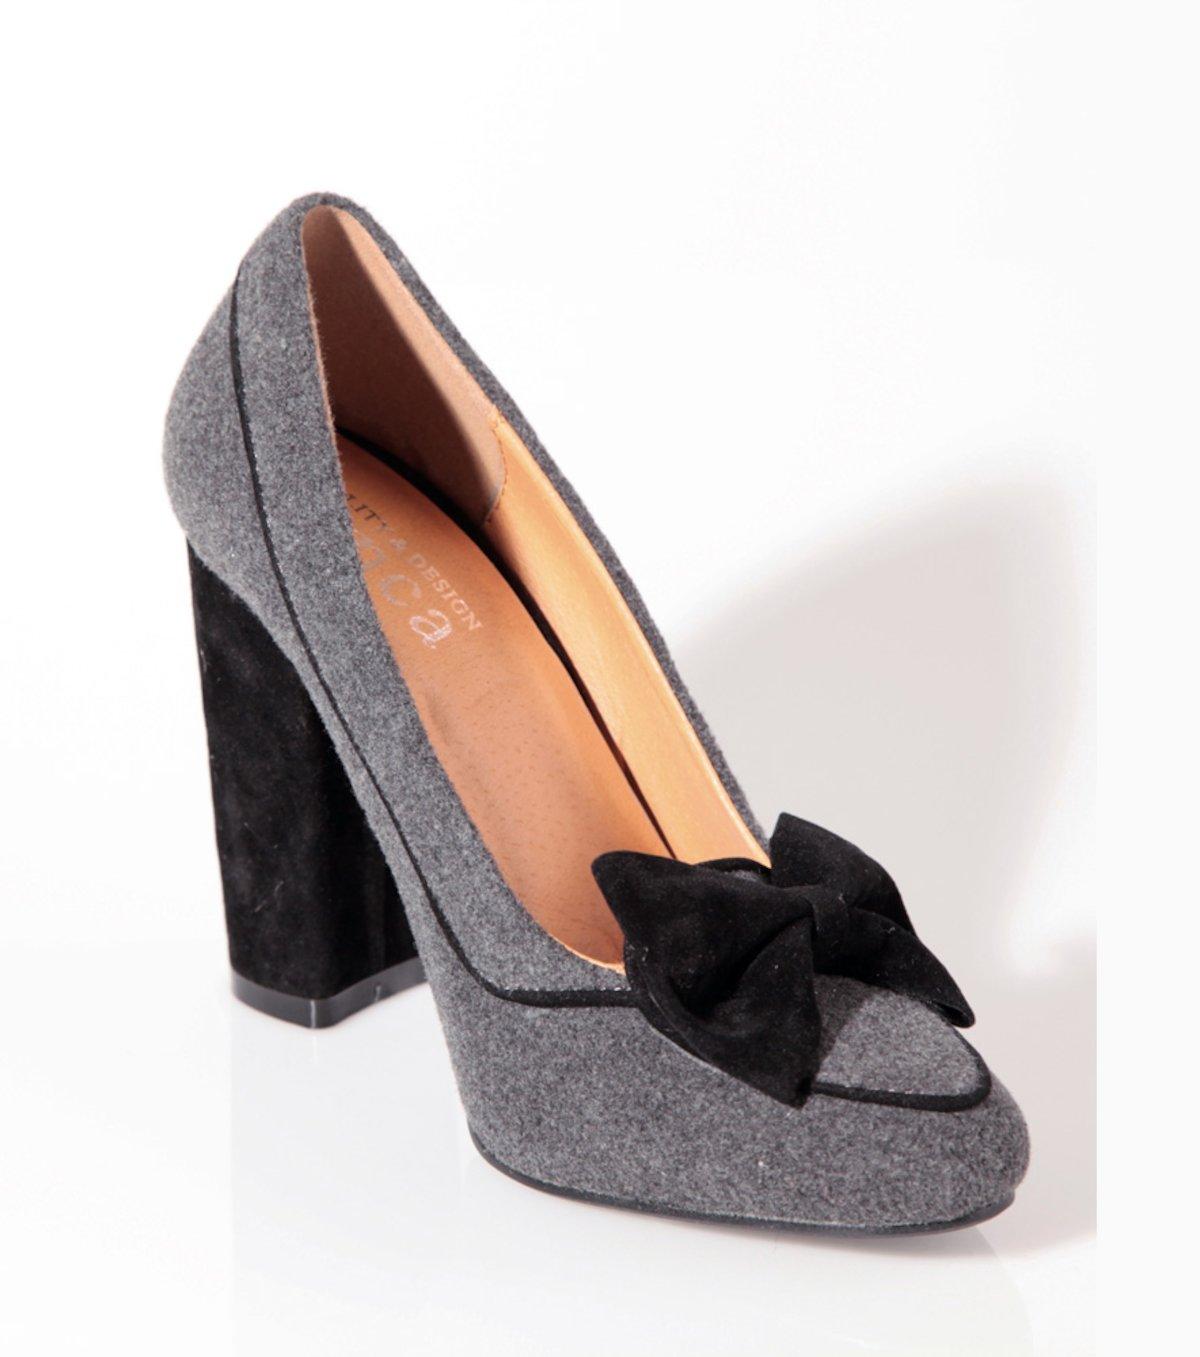 Tacón Mujer Con Lazo De Zapatos Terciopelo N08nvmw